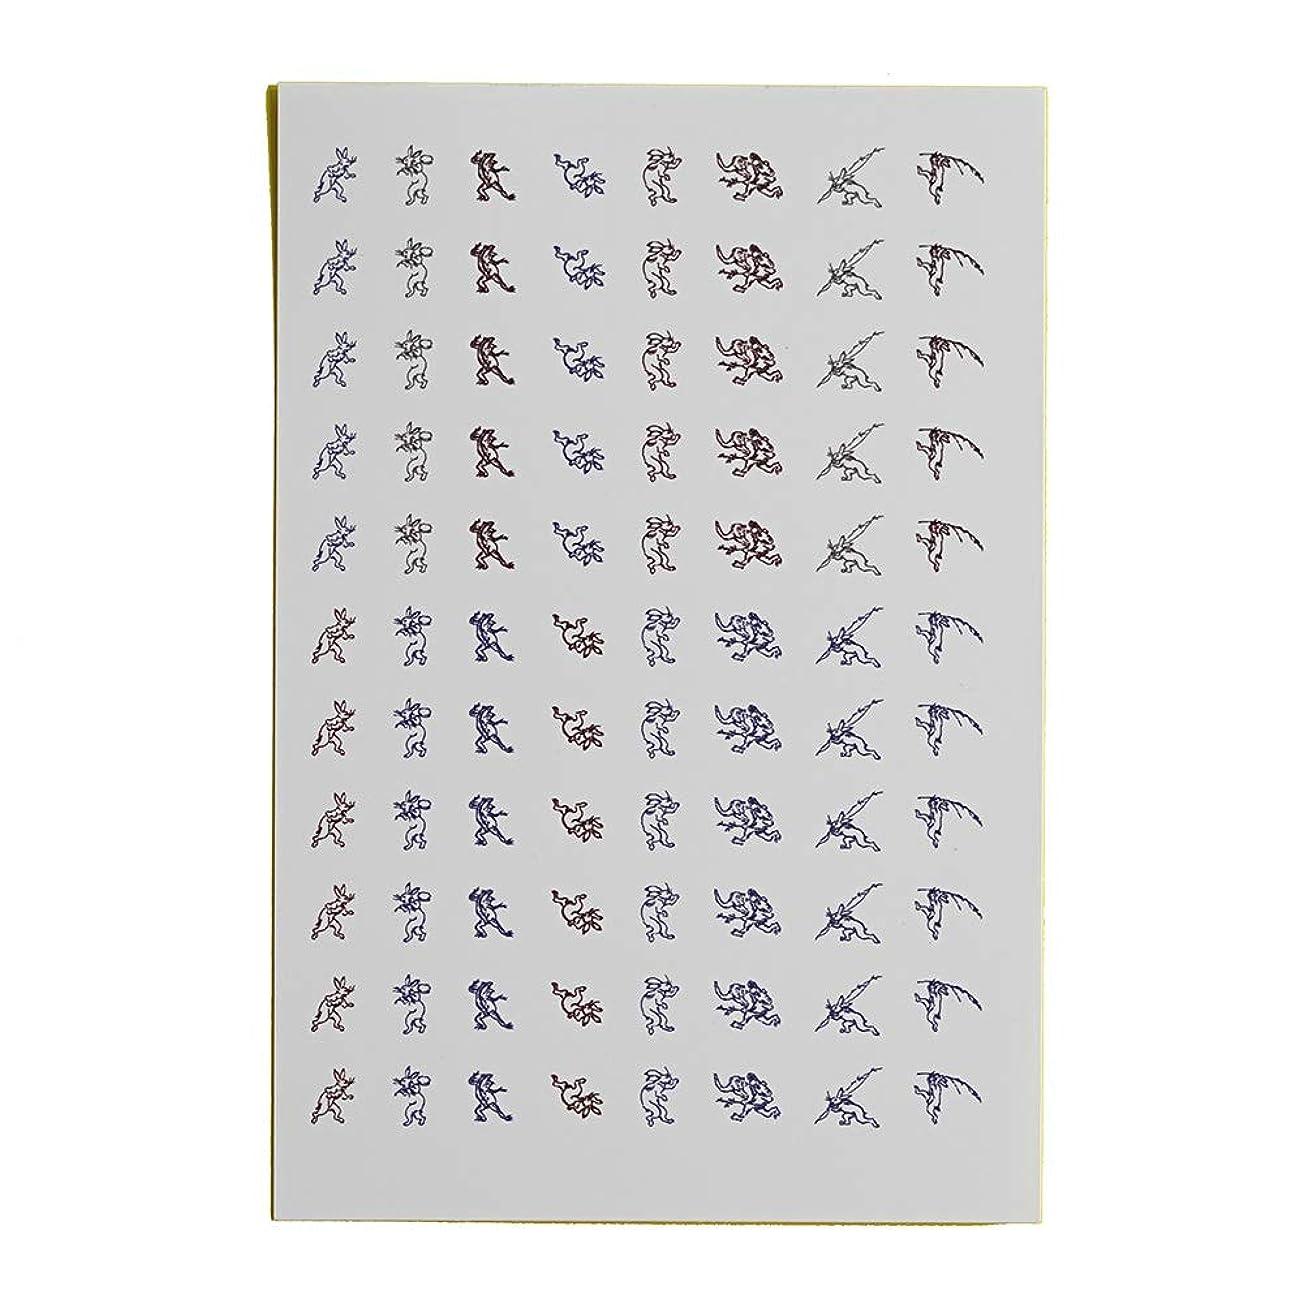 サイドボード奇跡的な重荷「鳥獣戯画」 ネイルシール